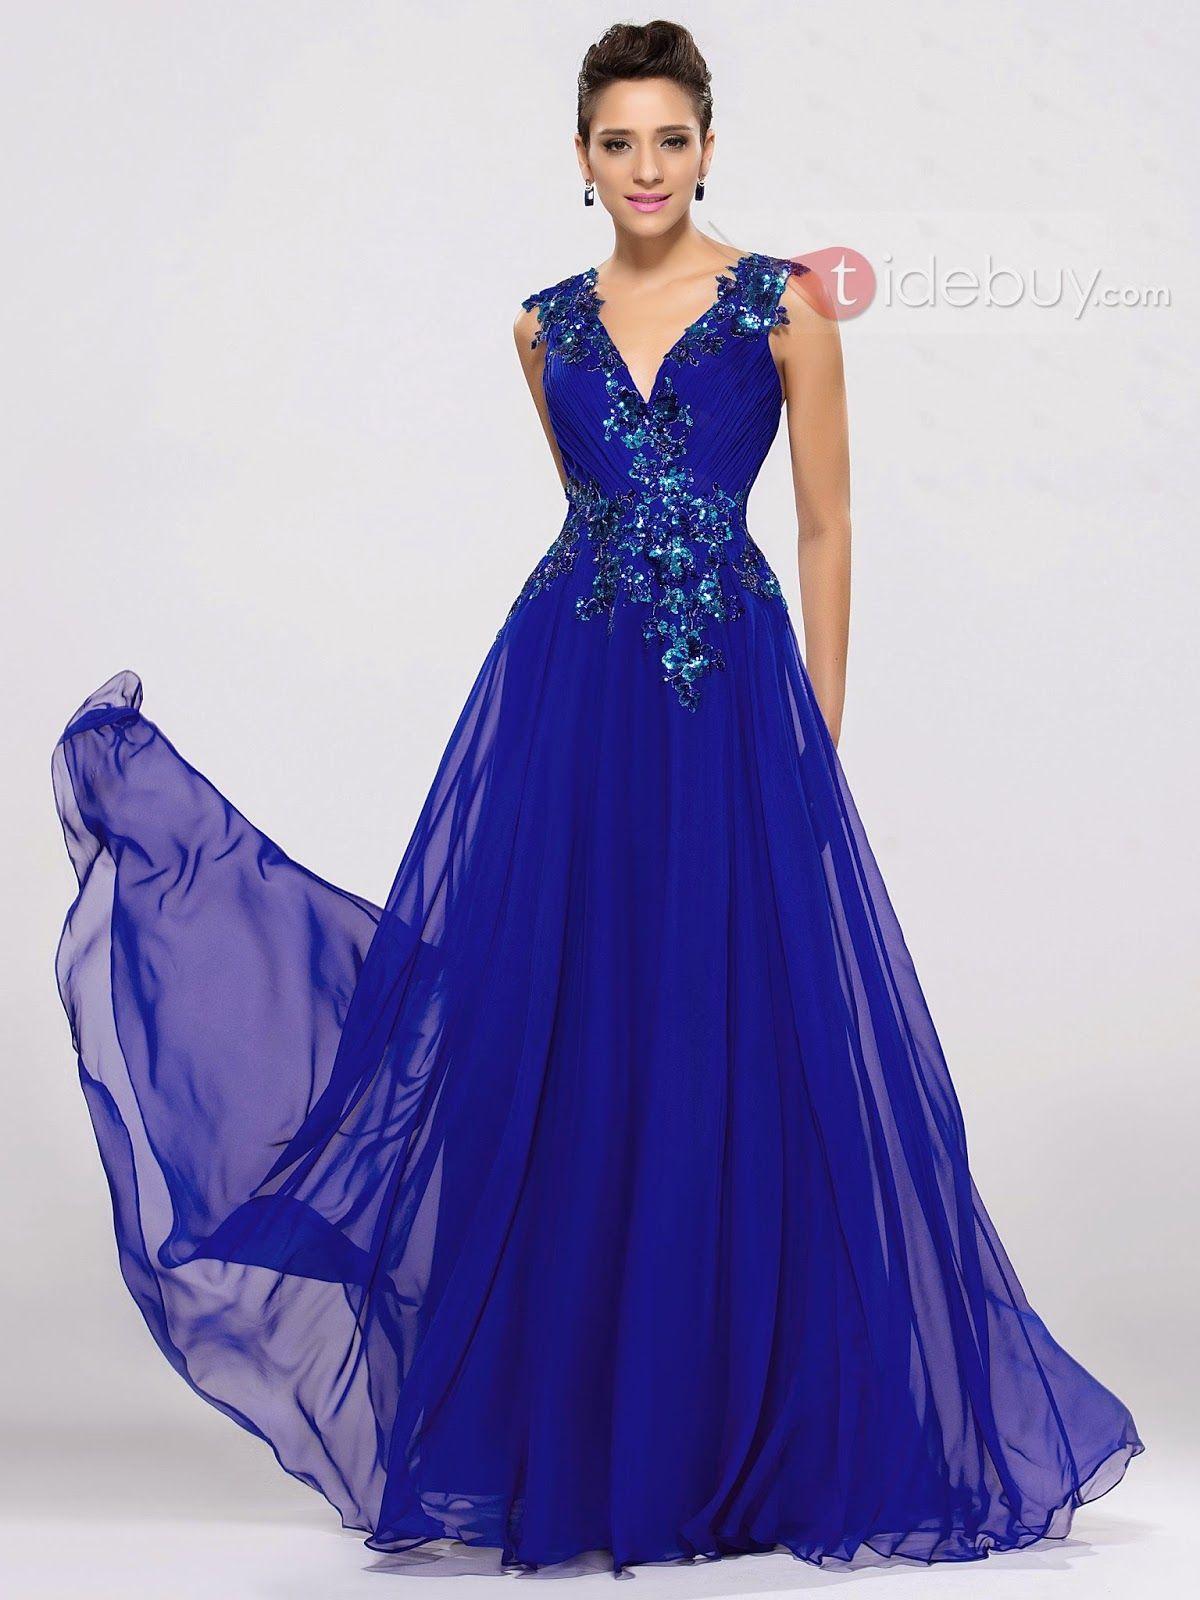 Exclusivos vestidos de noche formales para señoritas | elegancia en ...